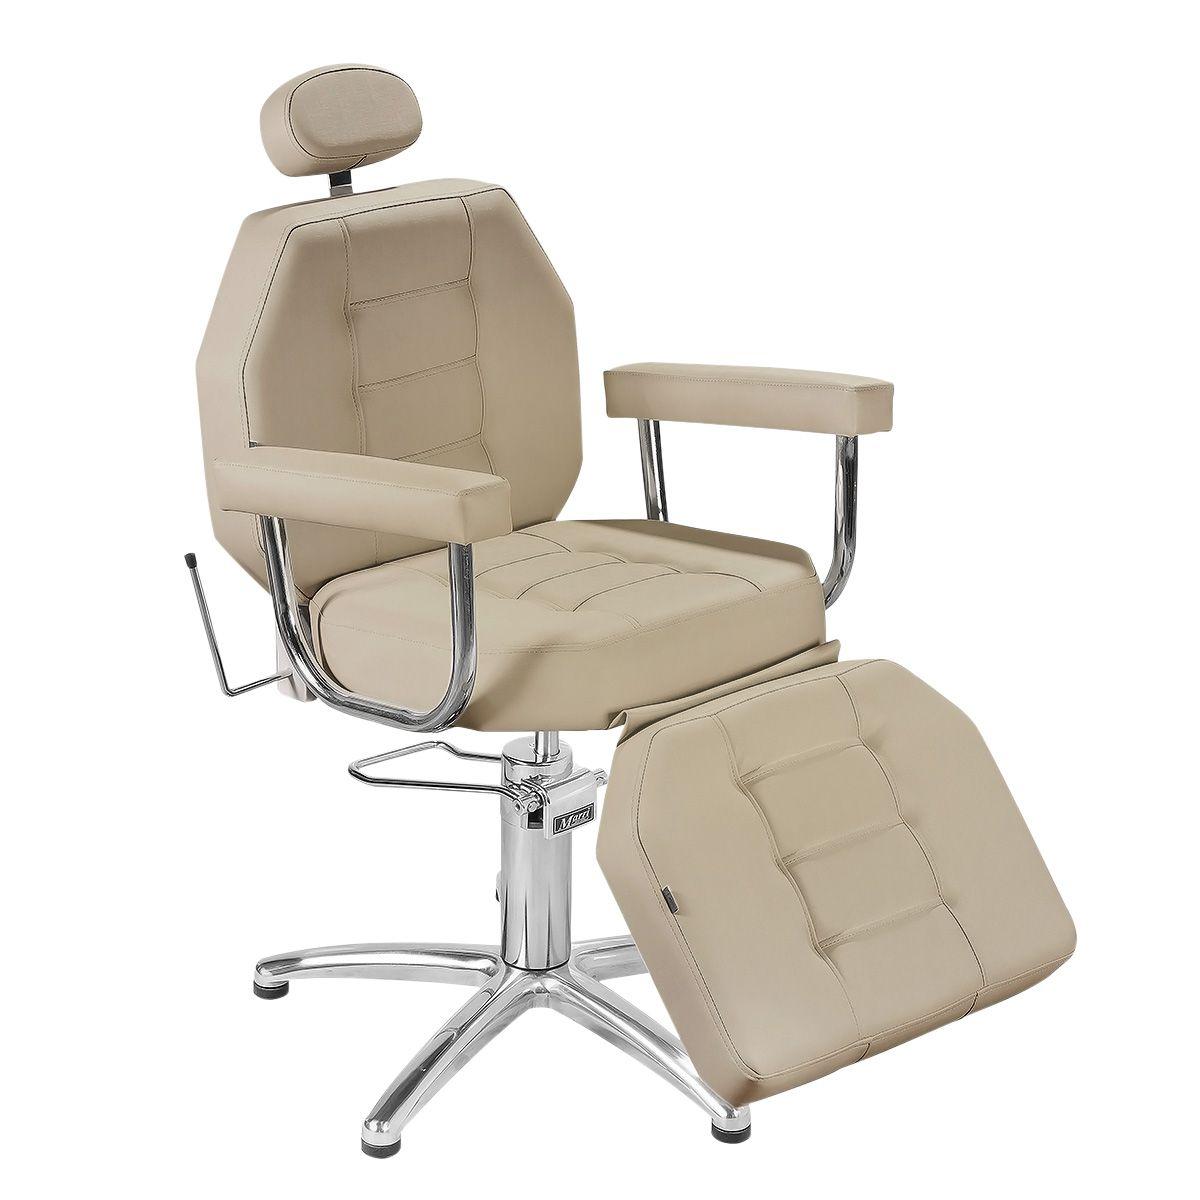 Cadeira Maquiagem Reclinável Linea Luxo - Braço Estofado - Pé Pentapé